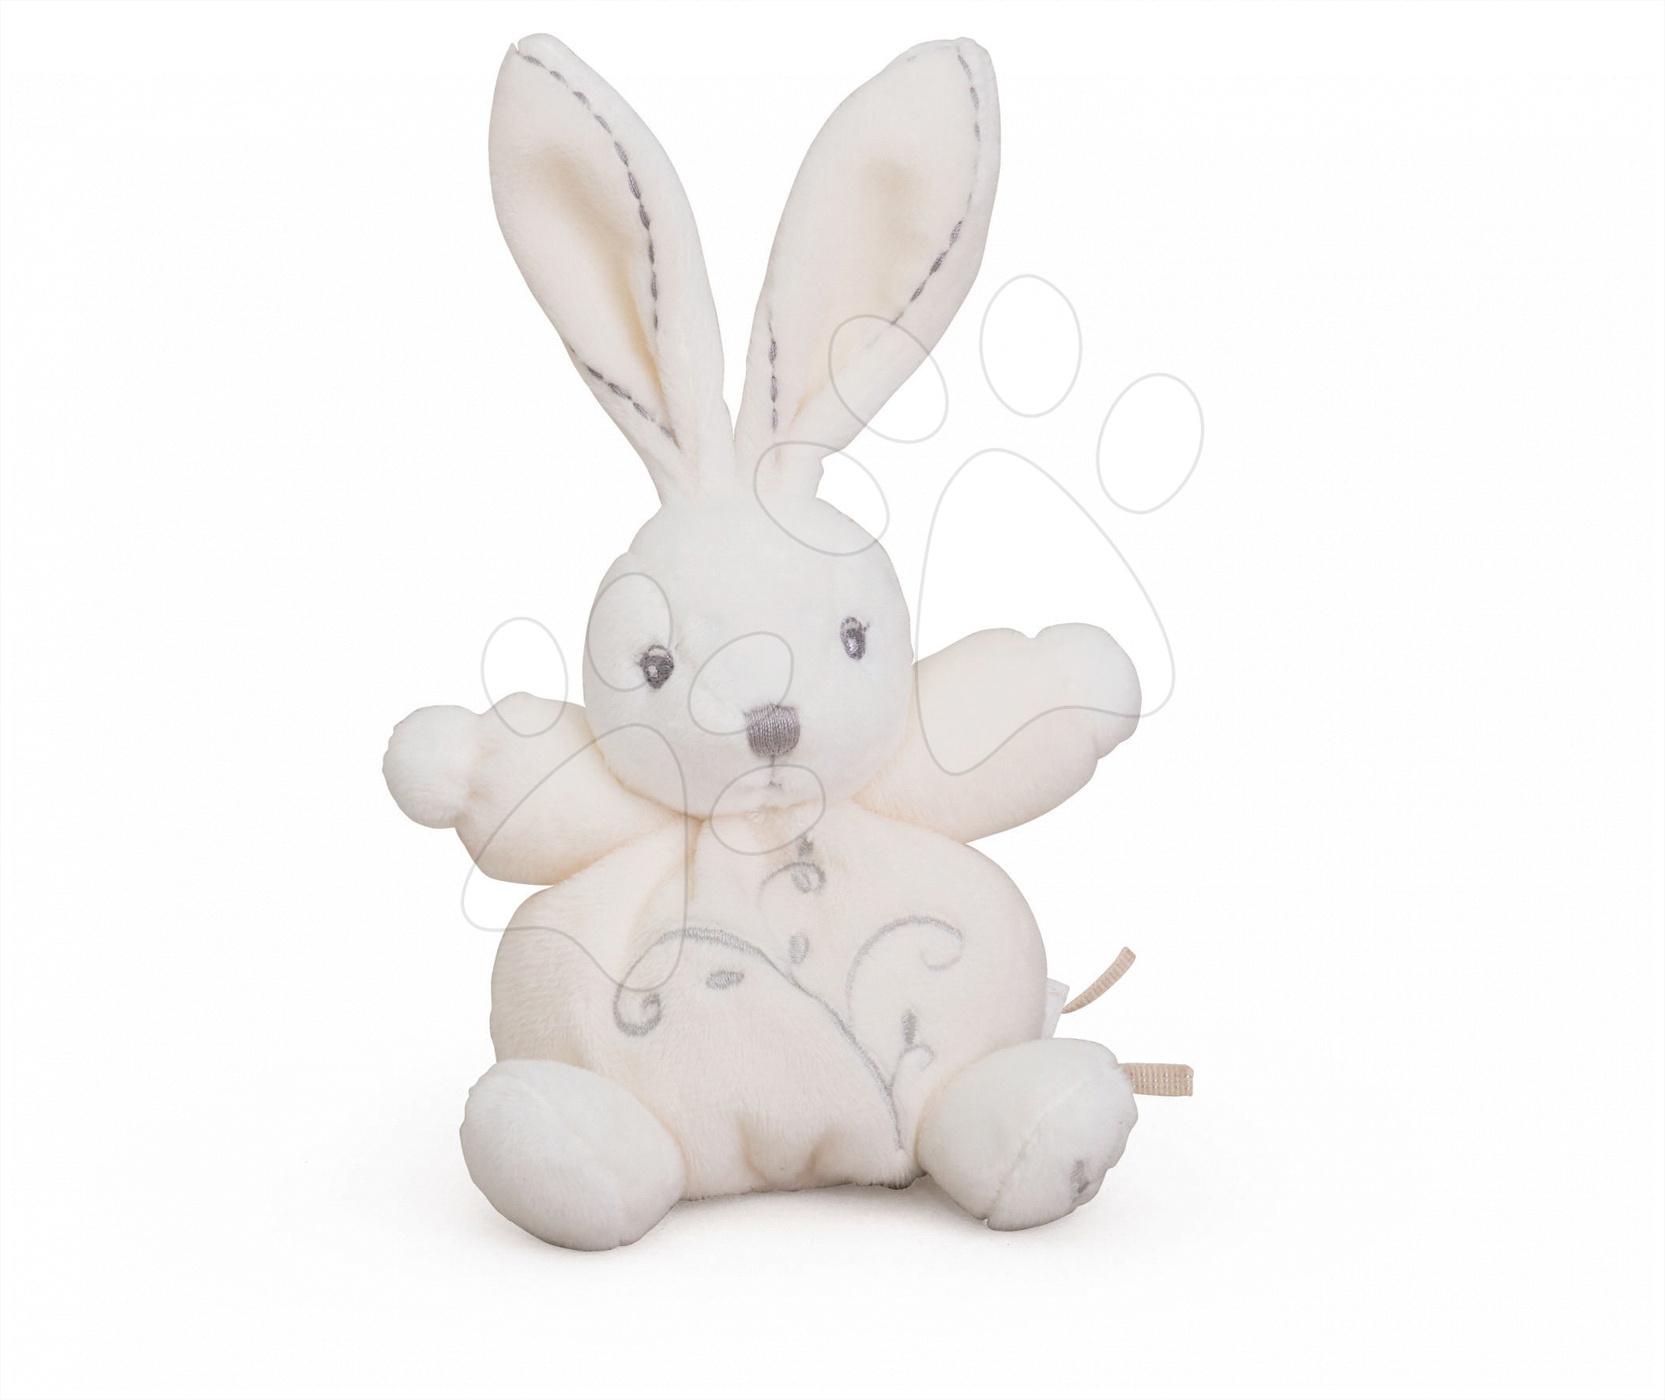 Hračky pre bábätká - Plyšový zajačik Perle-Mini Chubbies Rabbit Kaloo 12 cm pre najmenších krémový